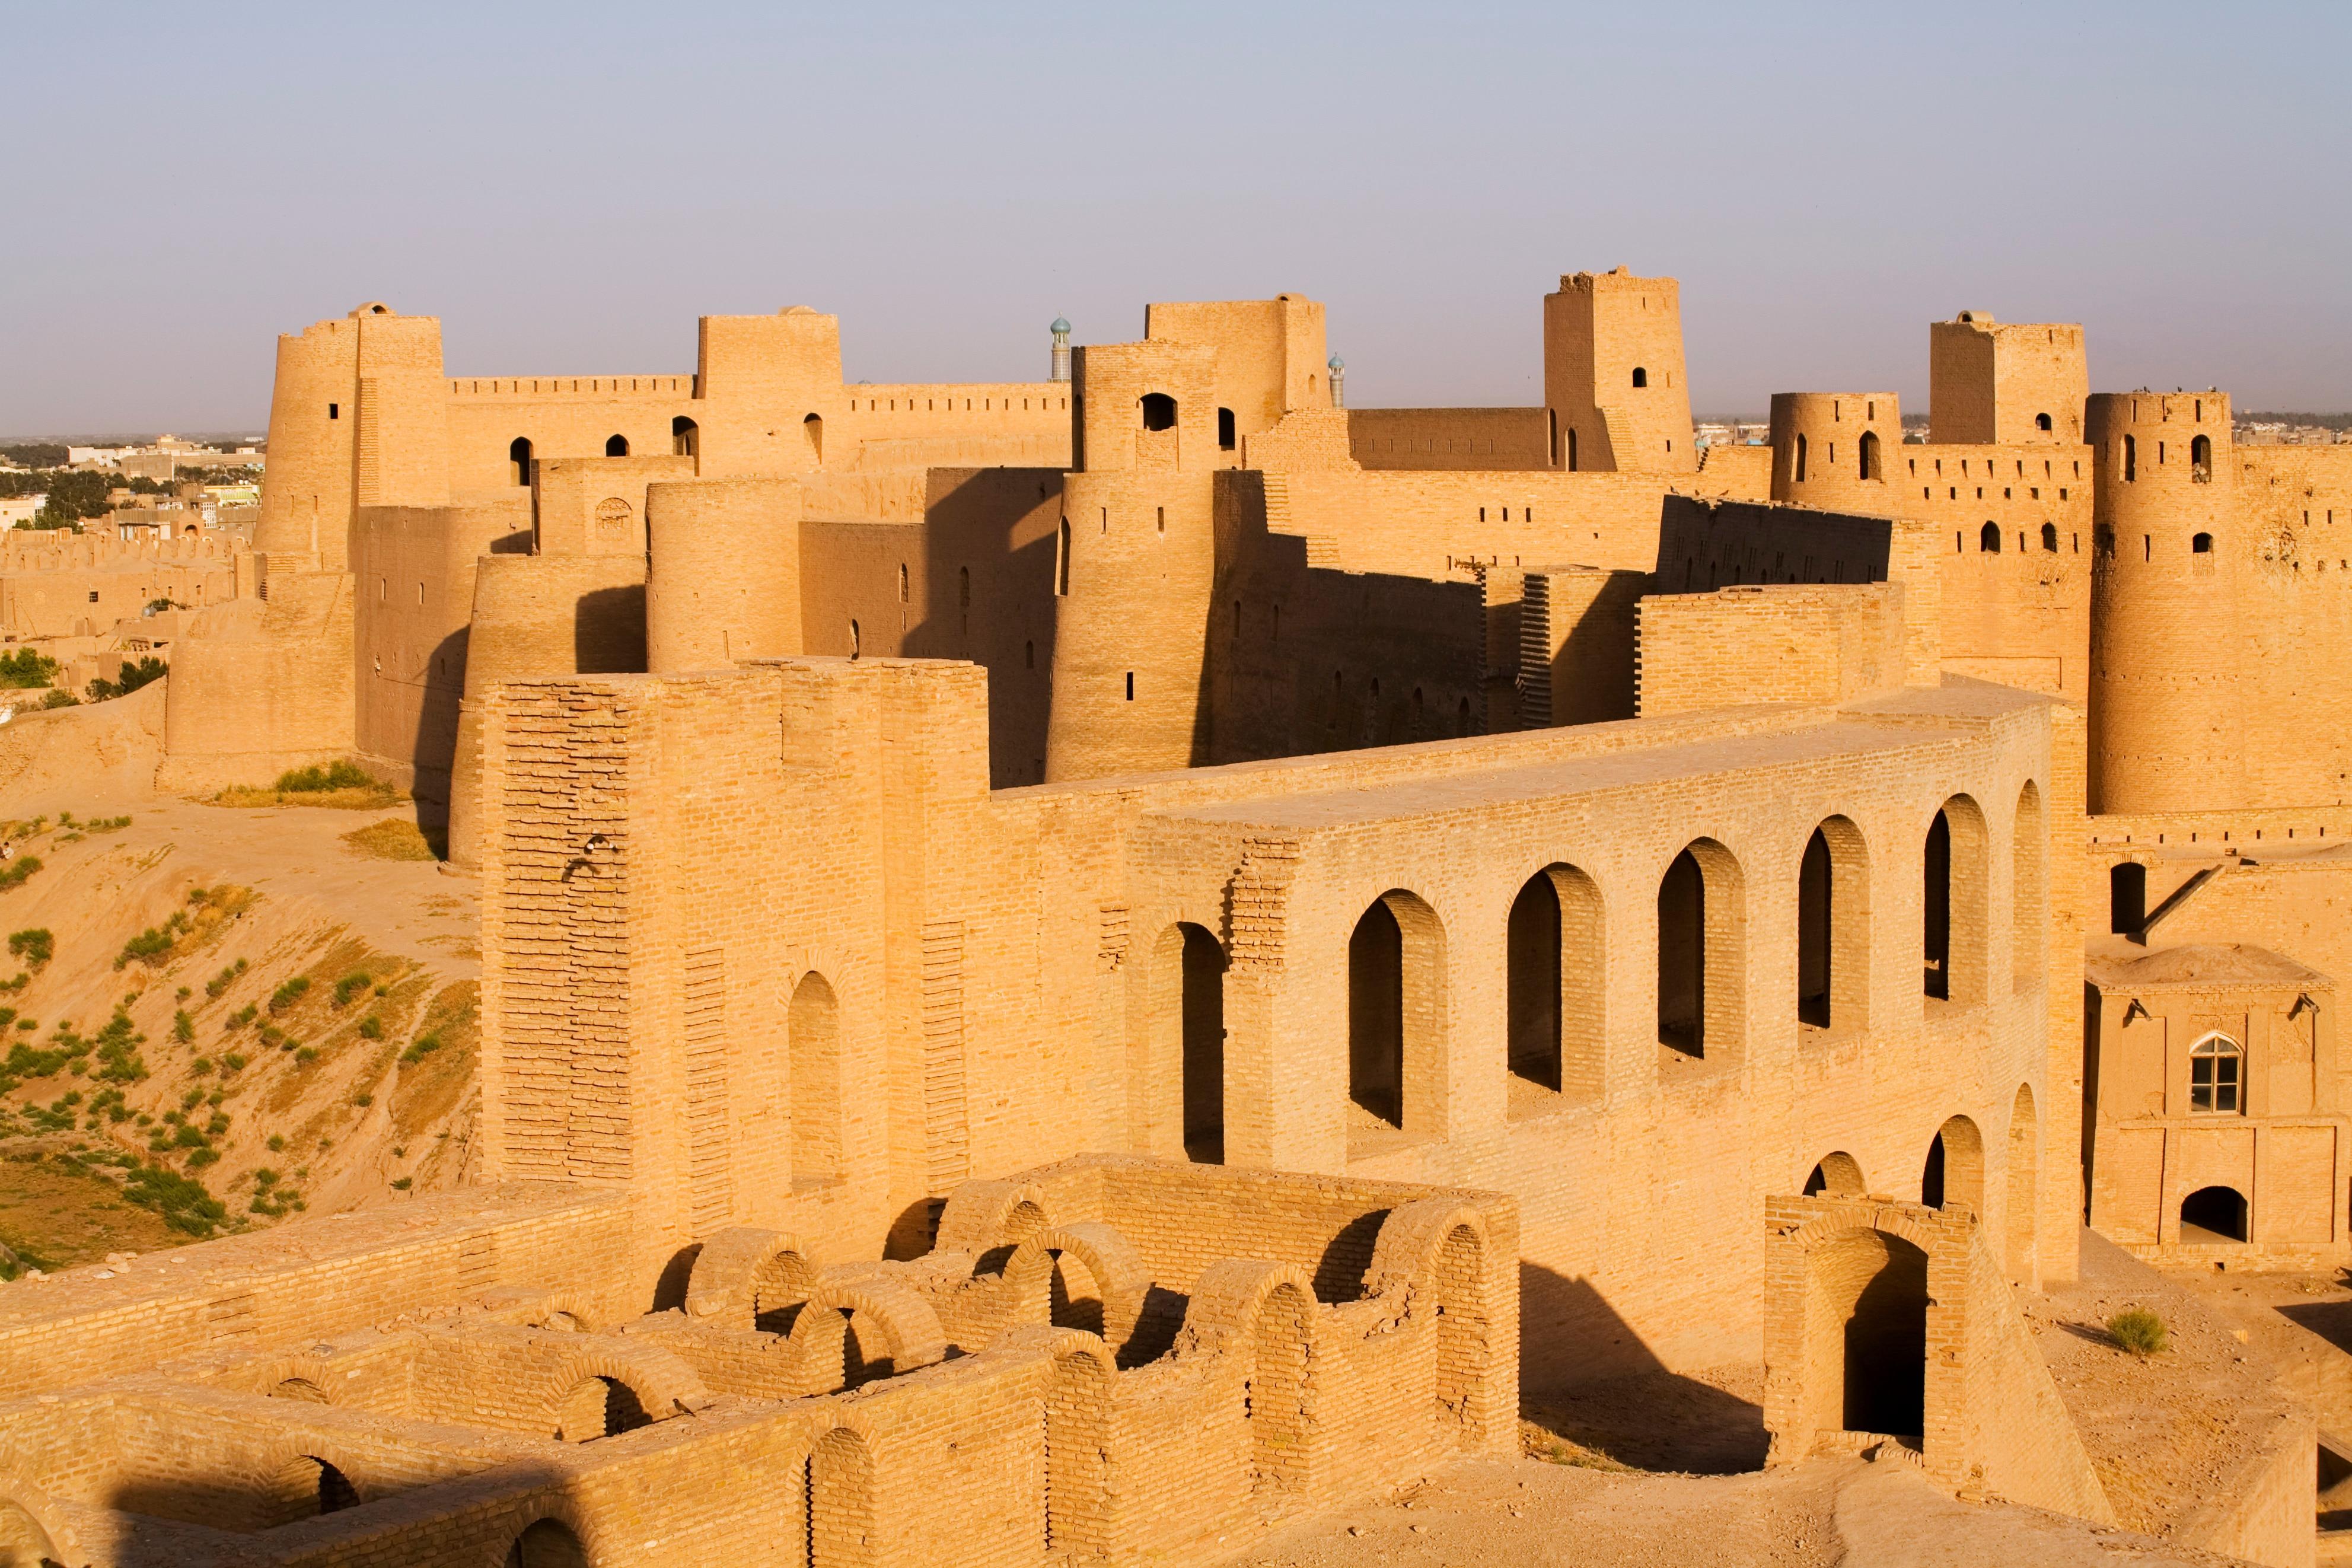 इस तरह के हेवीली गार्डेड महल को सिटाडेल कहते हैं. ये अफगानिस्तान का हेरात सिटाडेल है.